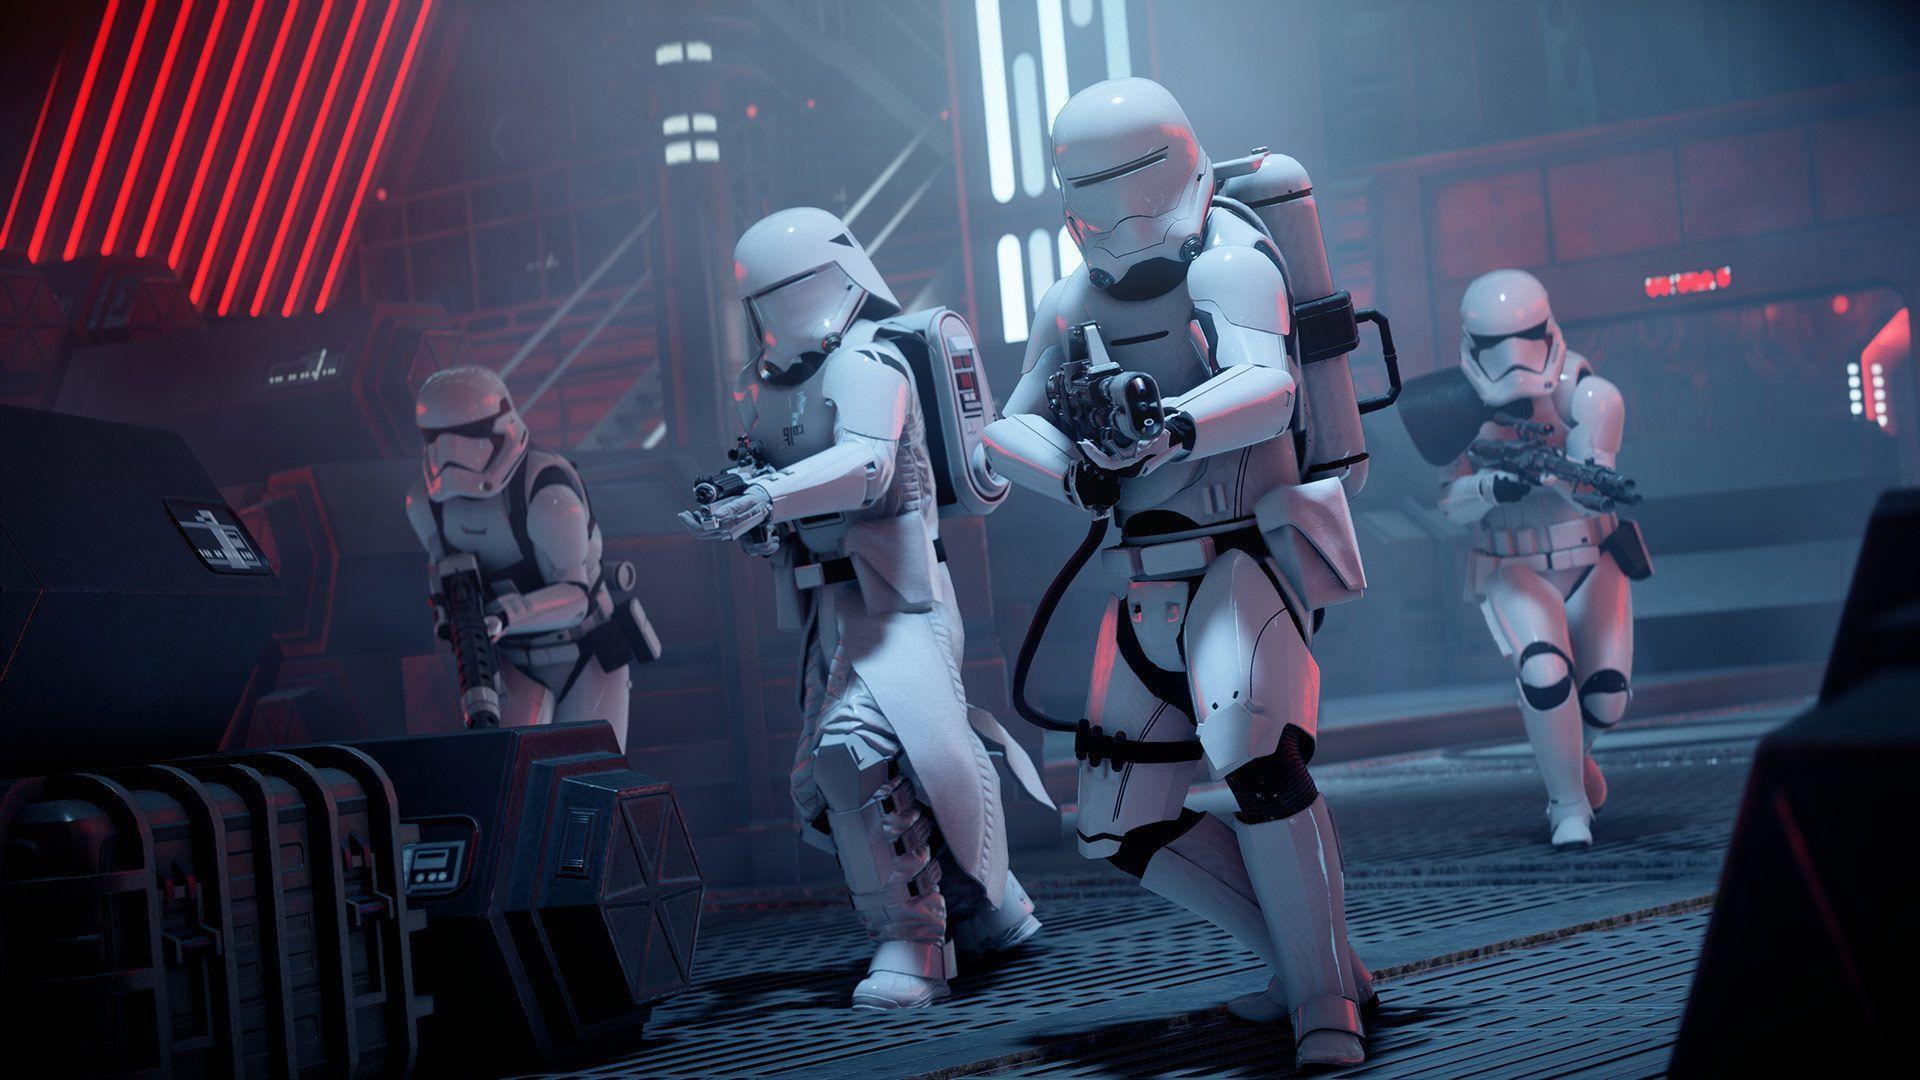 Star Wars Battlefront 2 Background: Star Wars Battlefront 2 Wallpapers